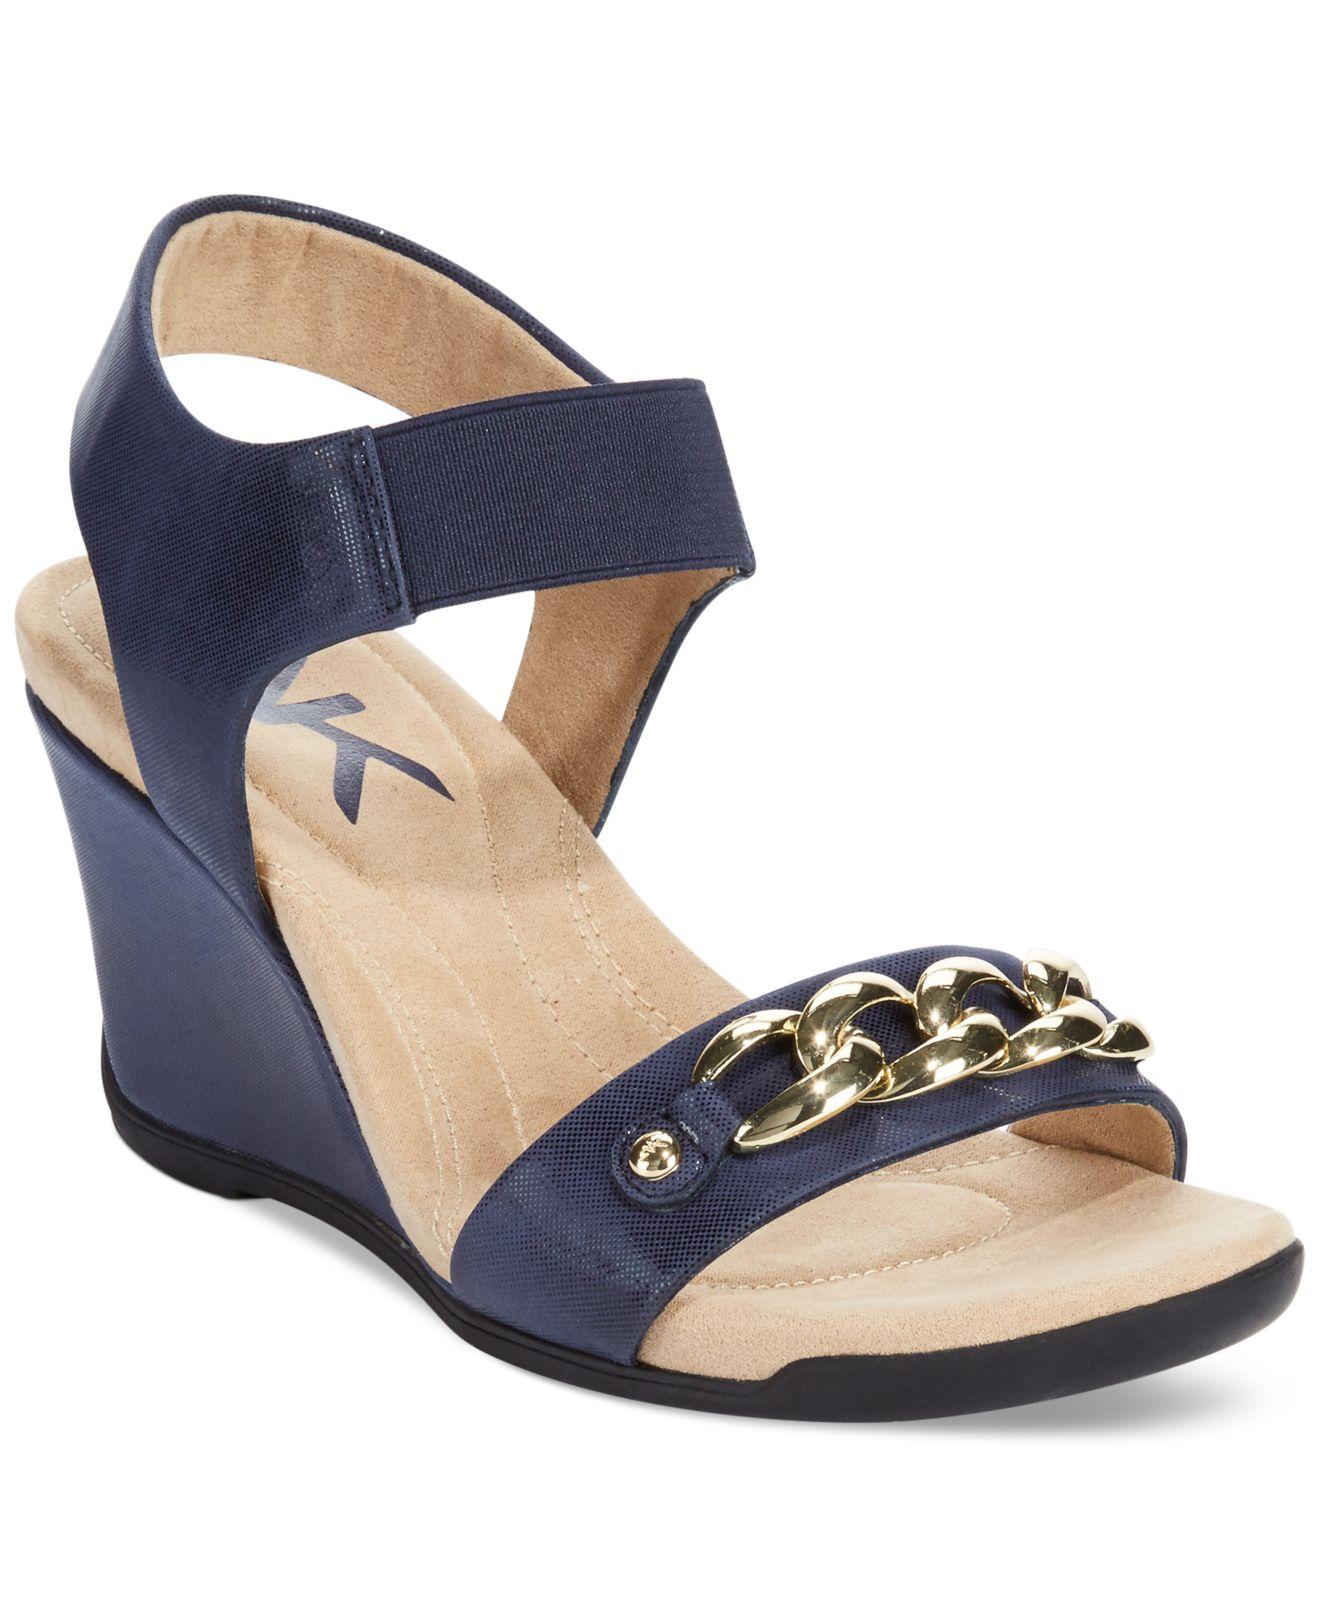 9eb61b6f74c Lyst anne klein laceyanne wedge sandals in blue jpg 1320x1616 Anne klein  sport sandals